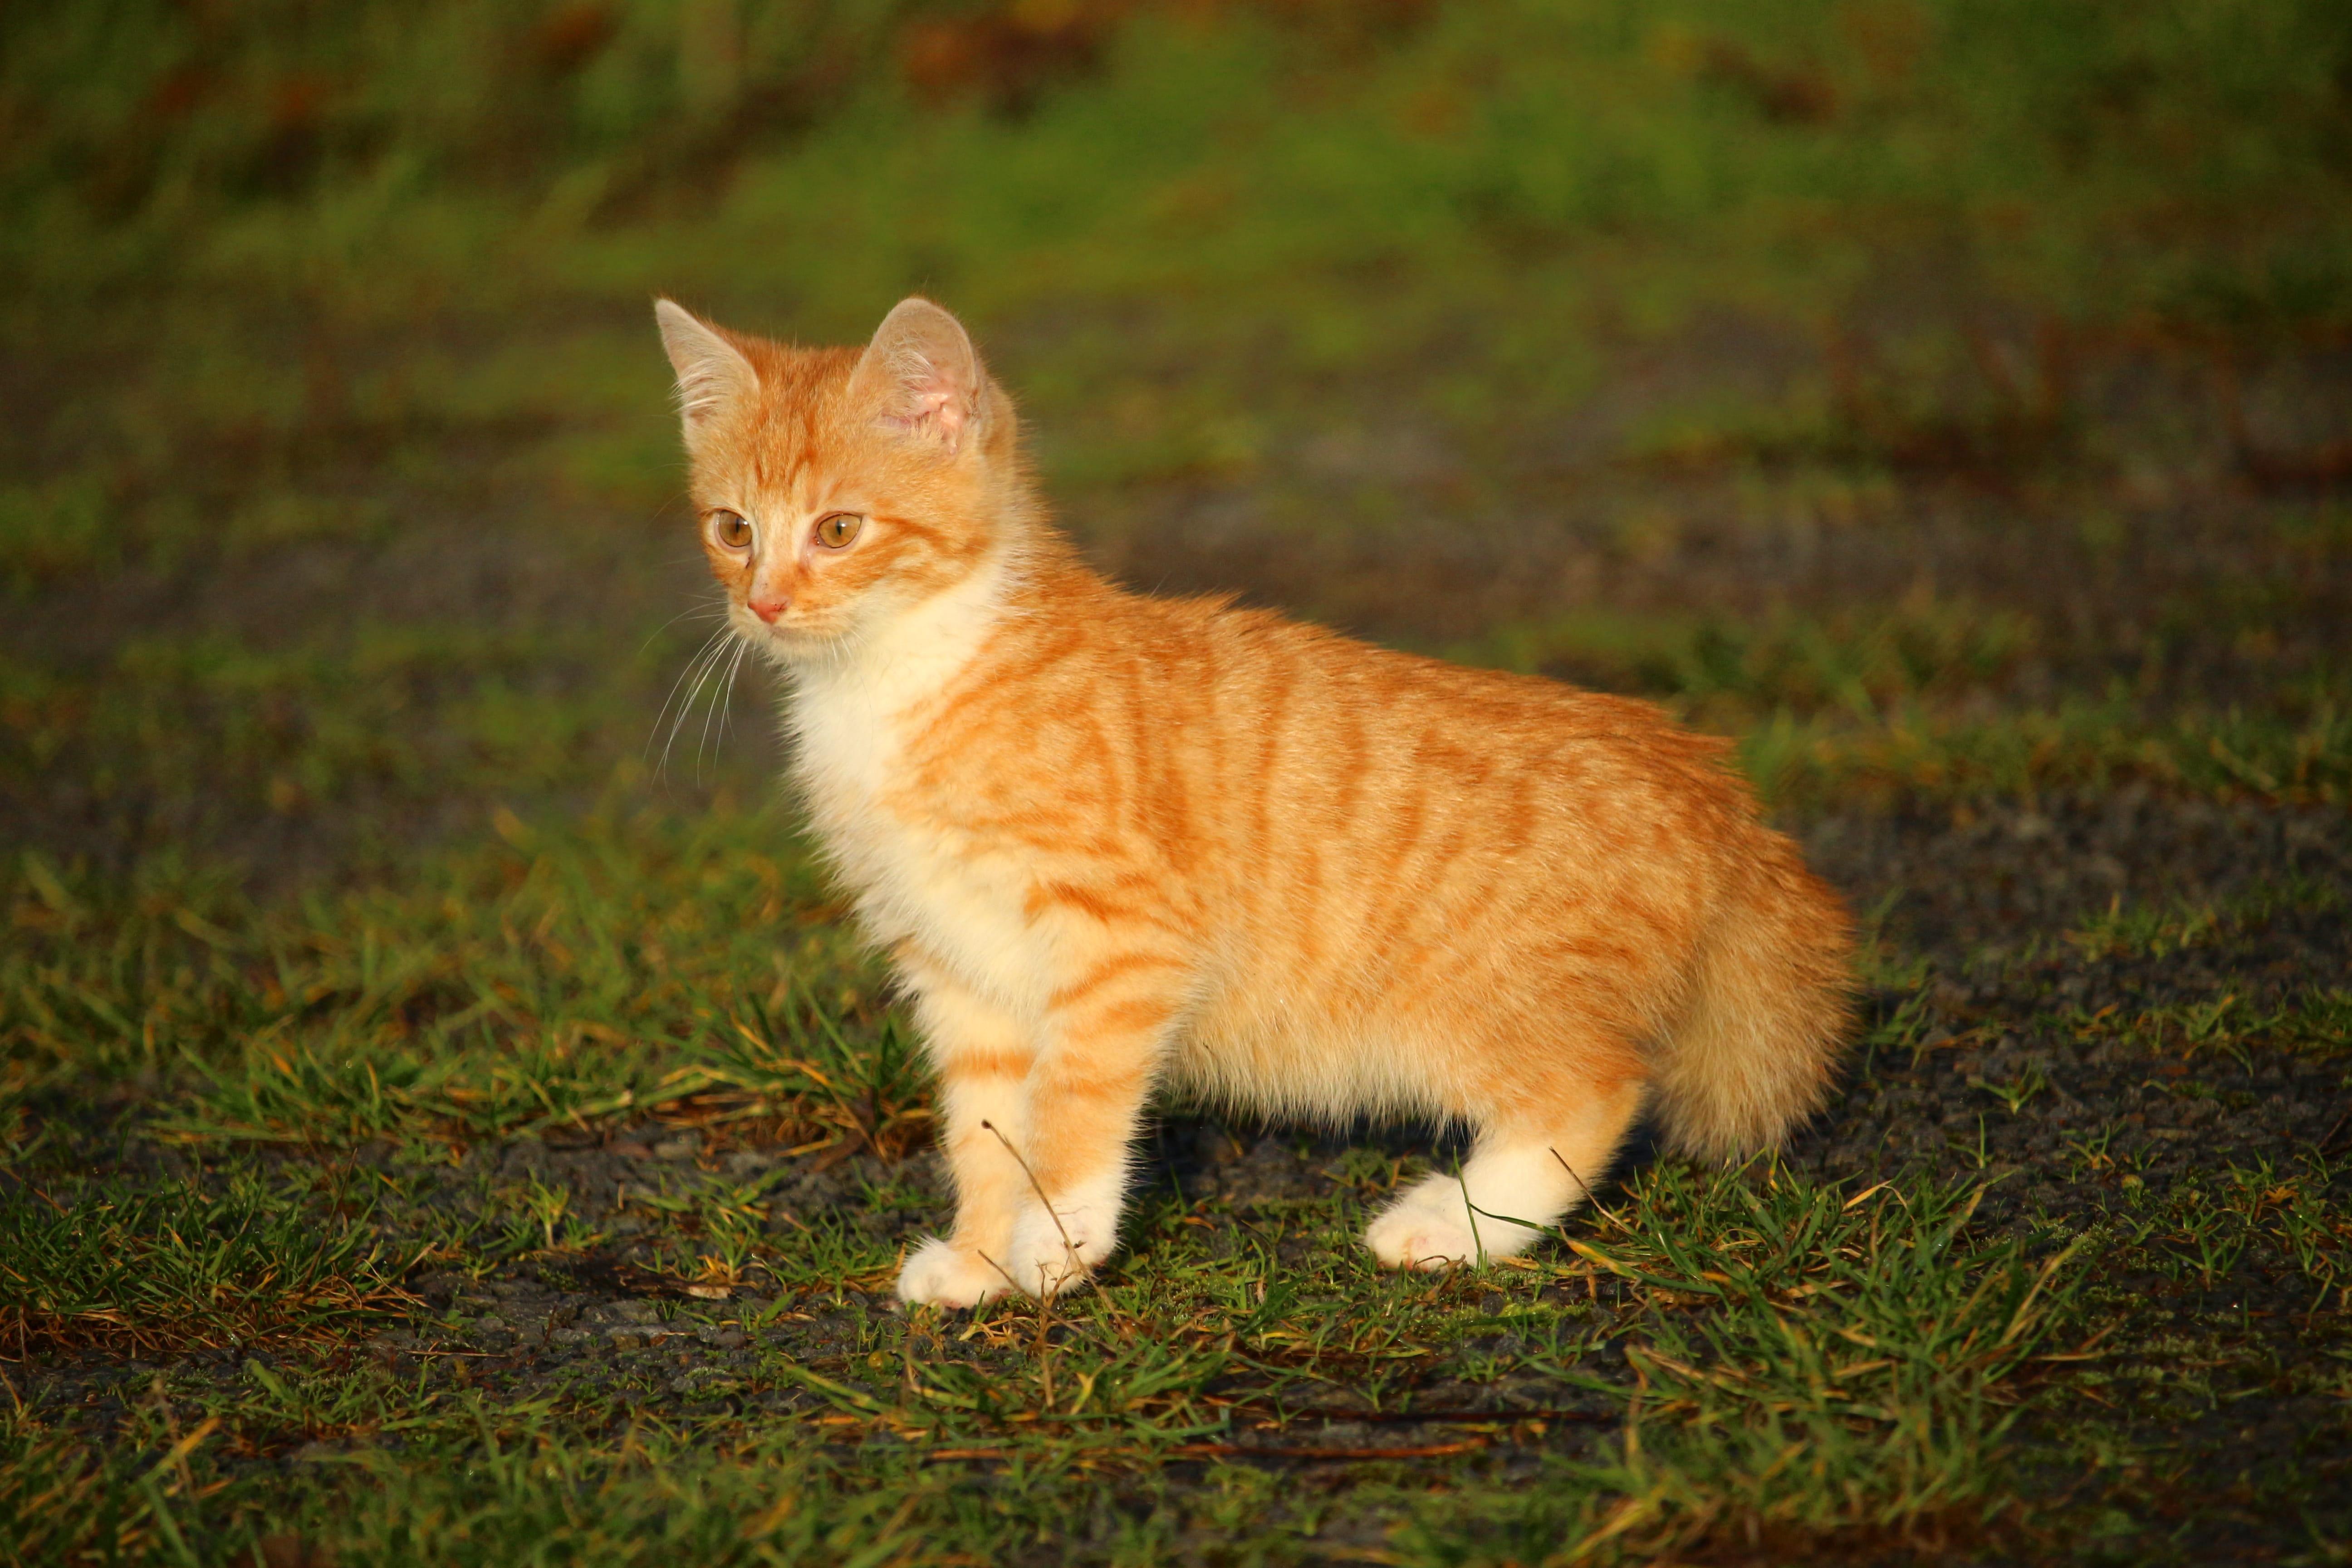 orange tiger striped kitten on grass